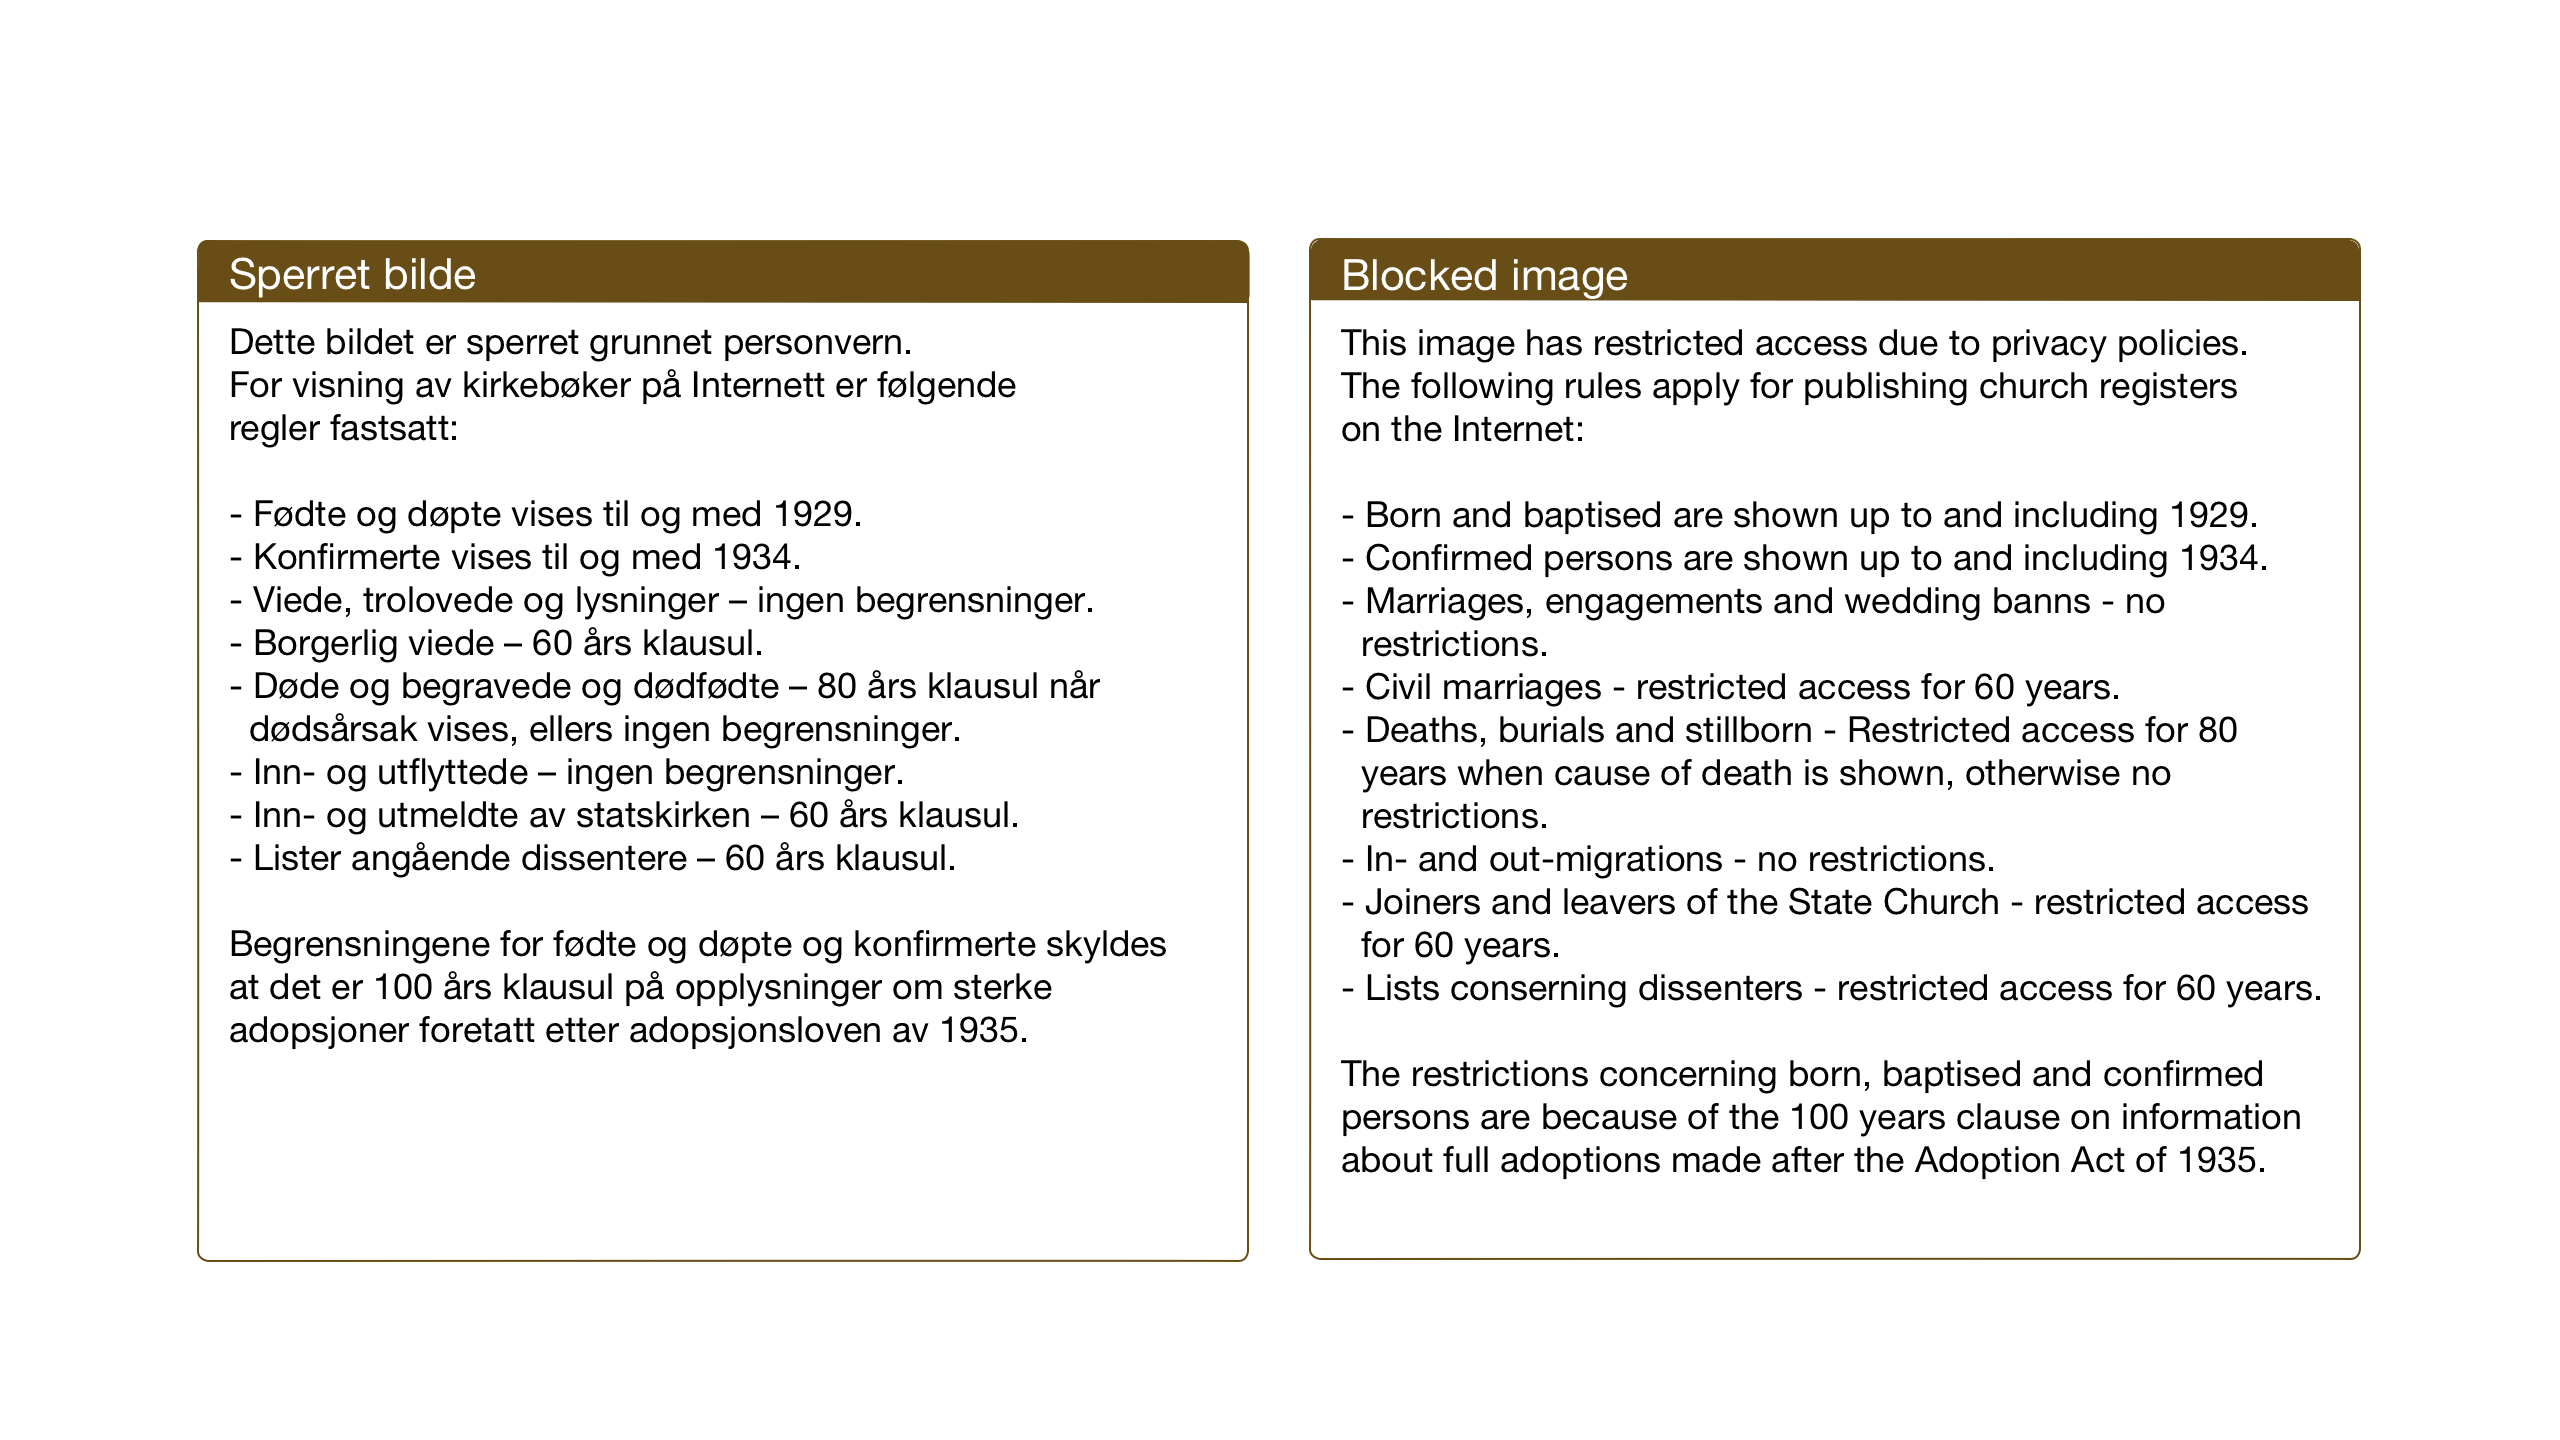 SAT, Ministerialprotokoller, klokkerbøker og fødselsregistre - Sør-Trøndelag, 682/L0947: Klokkerbok nr. 682C01, 1926-1968, s. 141